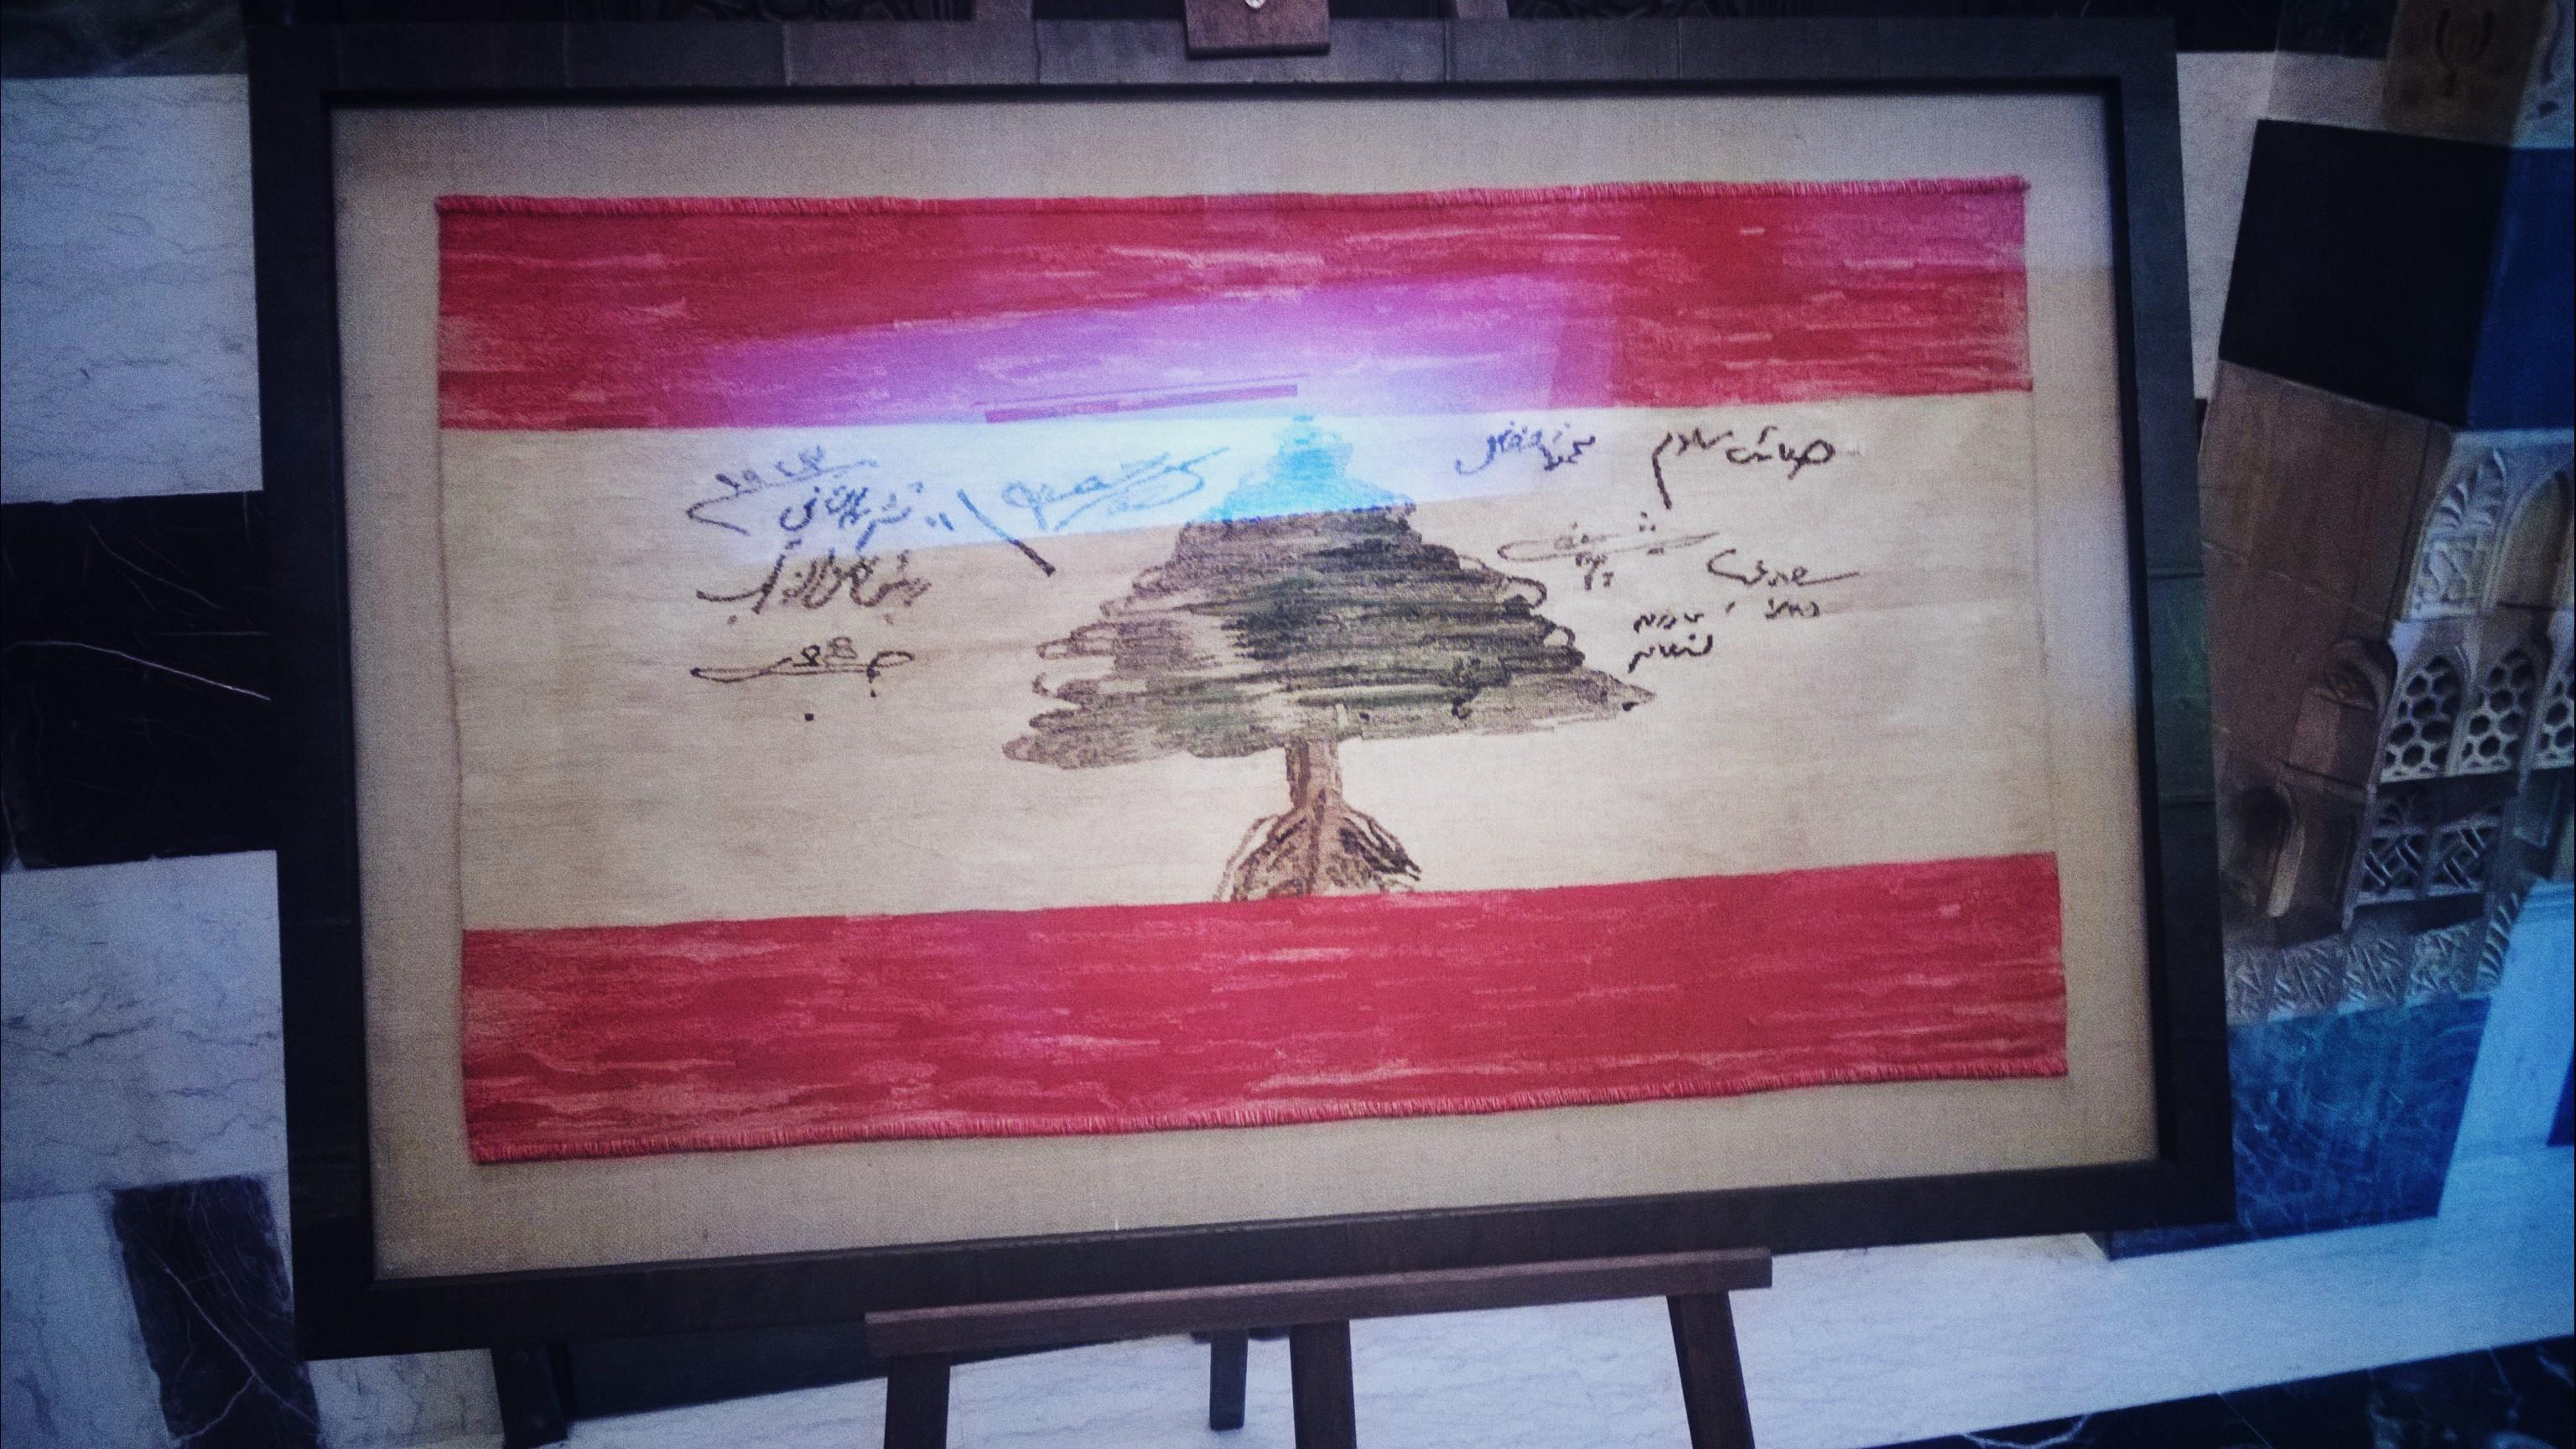 Le premier drapeau Libanais, par les signataires de la Déclaration d'indépendance, exposé au Musée Robert Mouawad, Beyrouth - Crédit Salomé Ietter